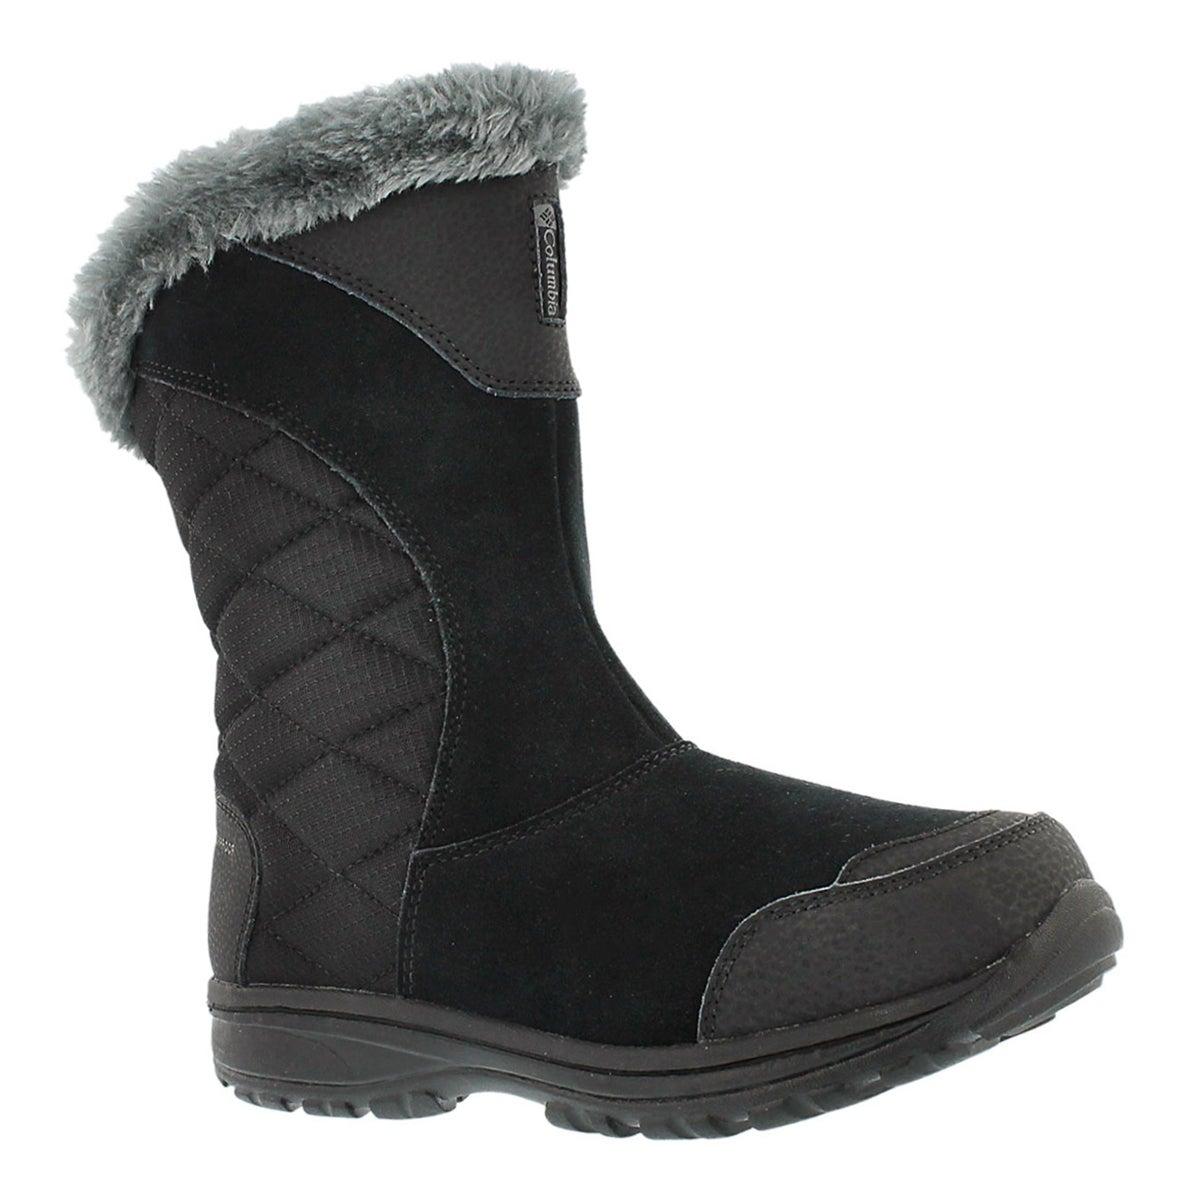 Lds Ice Maiden II Slip blk winter boot